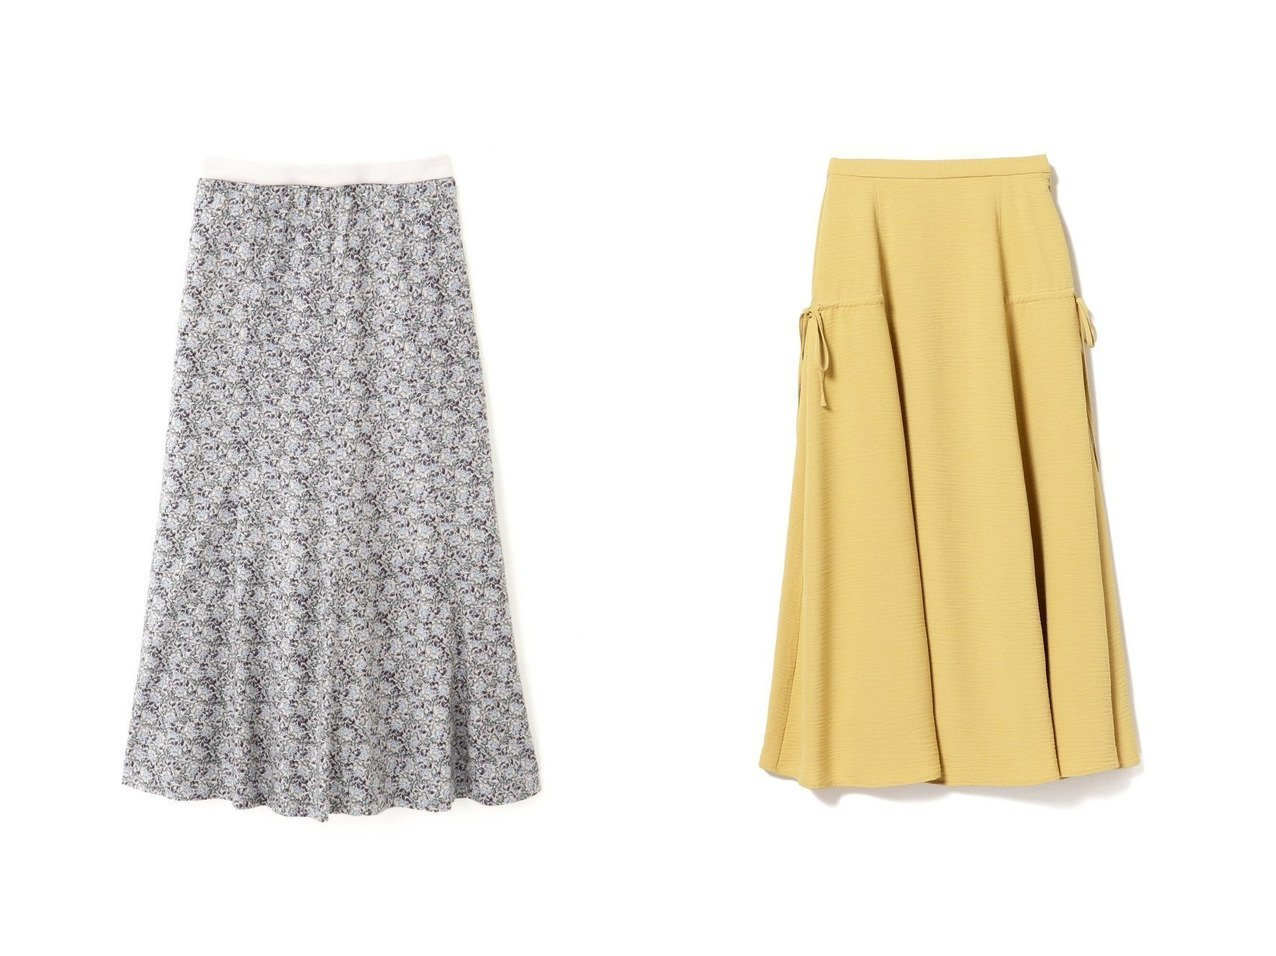 【HUMAN WOMAN/ヒューマンウーマン】のフラワープリントスカート&【Ray BEAMS/レイ ビームス】のサイド ドロスト スカート スカートのおすすめ!人気、トレンド・レディースファッションの通販 おすすめで人気の流行・トレンド、ファッションの通販商品 メンズファッション・キッズファッション・インテリア・家具・レディースファッション・服の通販 founy(ファニー) https://founy.com/ ファッション Fashion レディースファッション WOMEN スカート Skirt ロングスカート Long Skirt カットソー サテン スタンダード フレア プリント ボーダー リラックス 春 Spring NEW・新作・新着・新入荷 New Arrivals ストレッチ スリーブ ベスト リボン ロング  ID:crp329100000010776